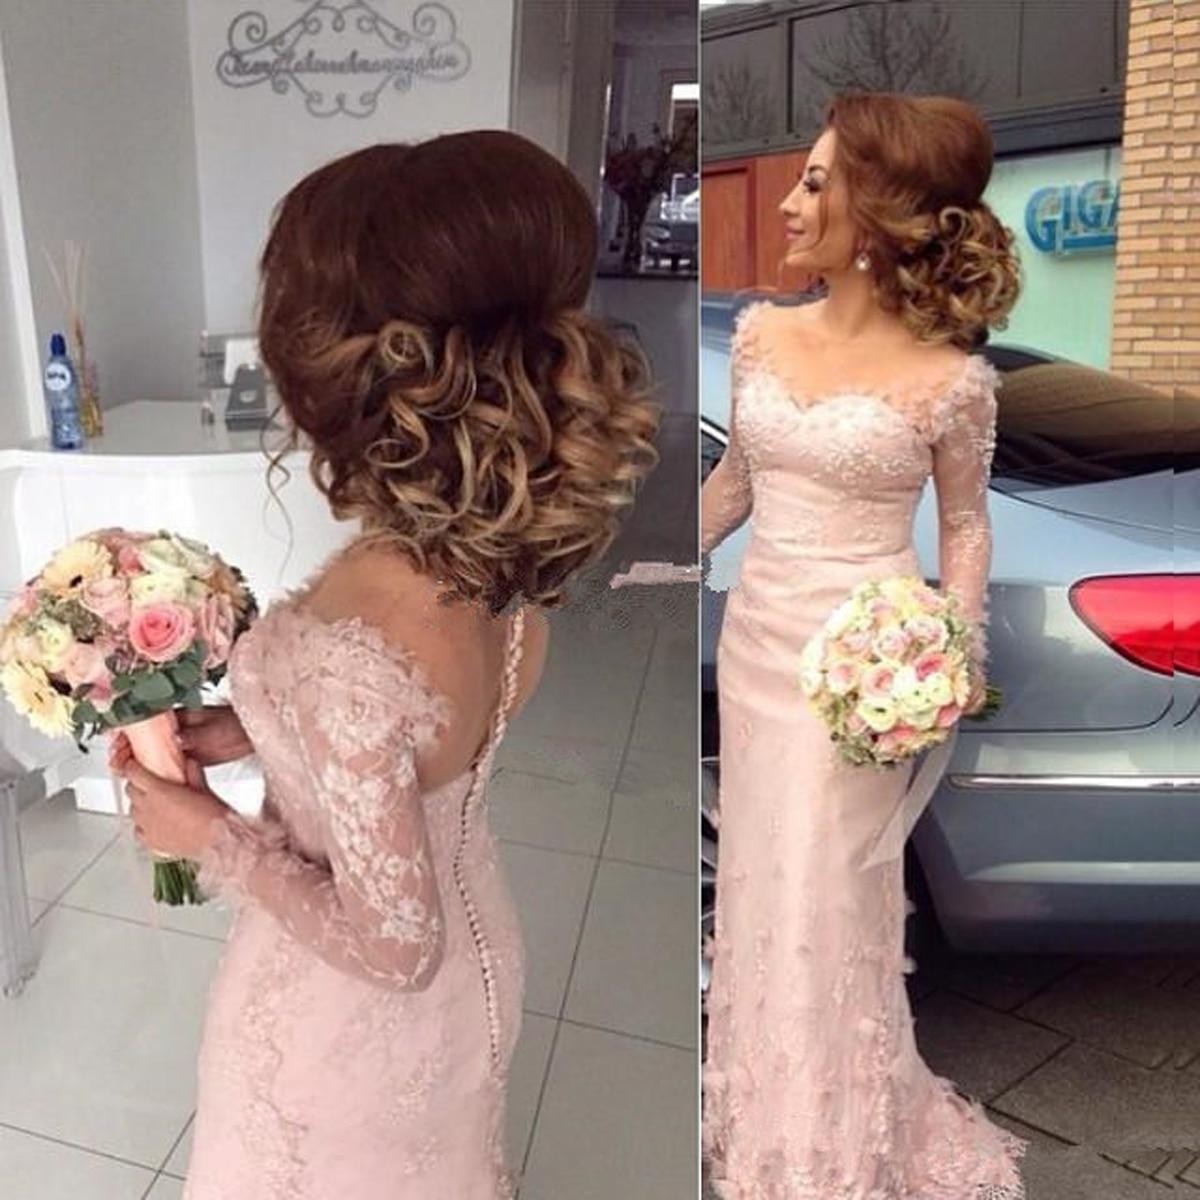 Vestidos de novia de manga larga, vestido de novia con cuentas de encaje de sirena y corazón, vestidos de novia para fiesta, vestido de novia